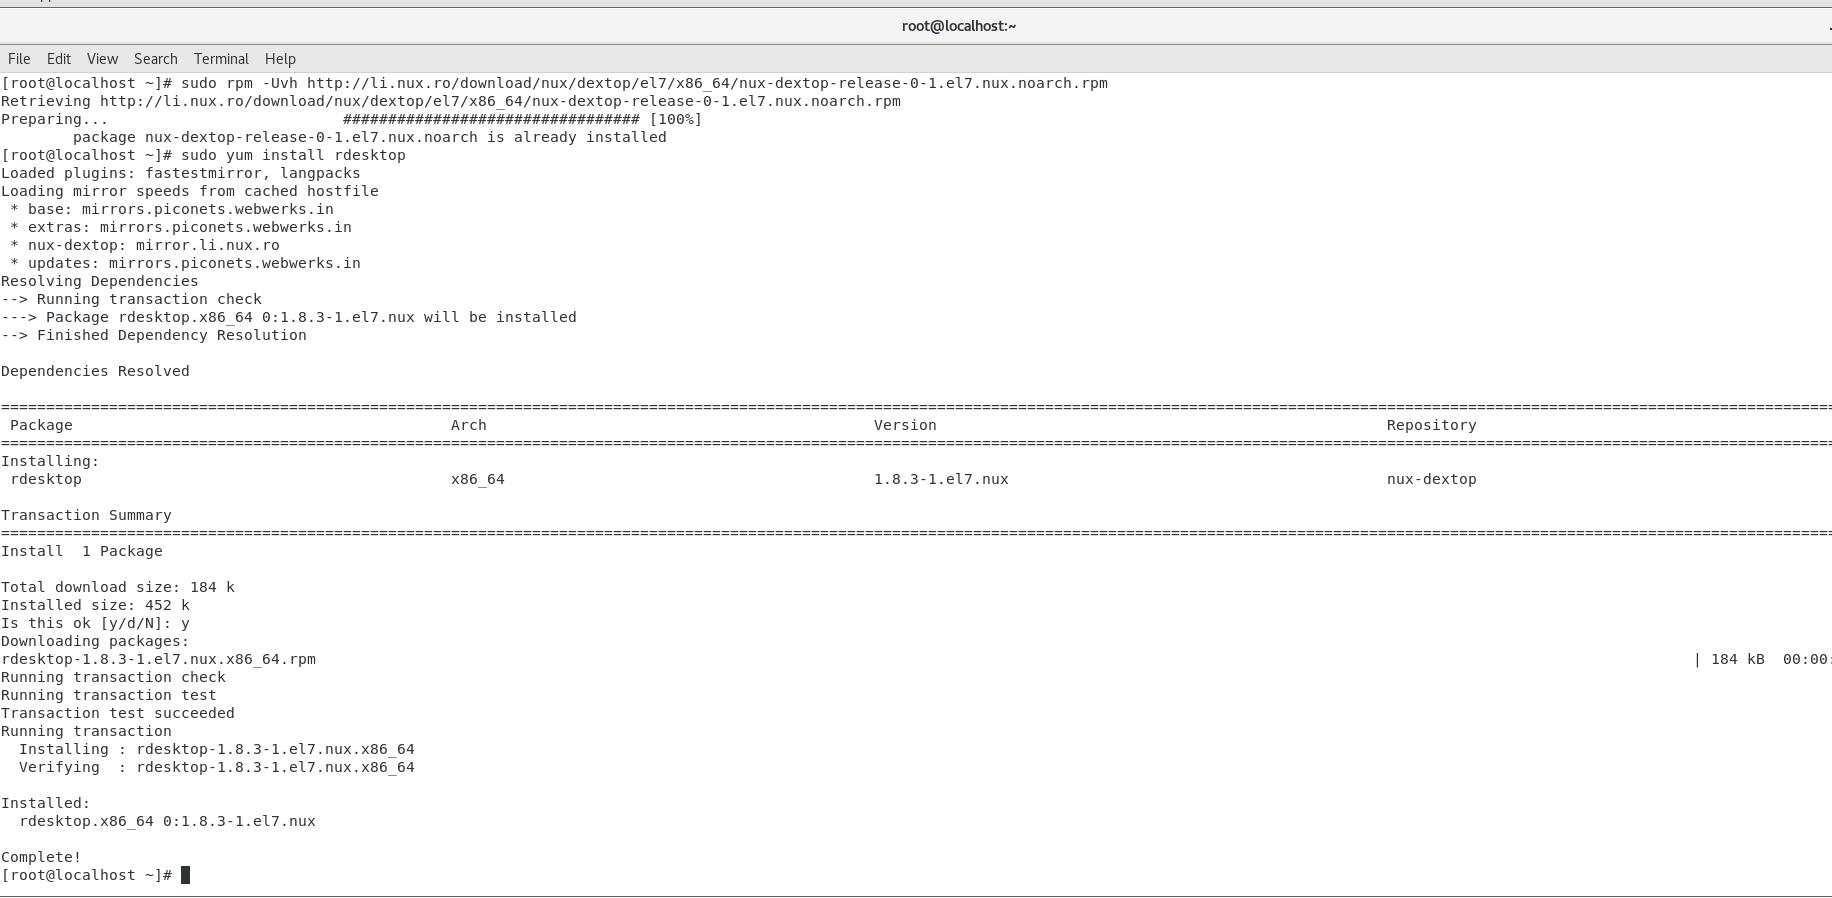 install rdesktop packages